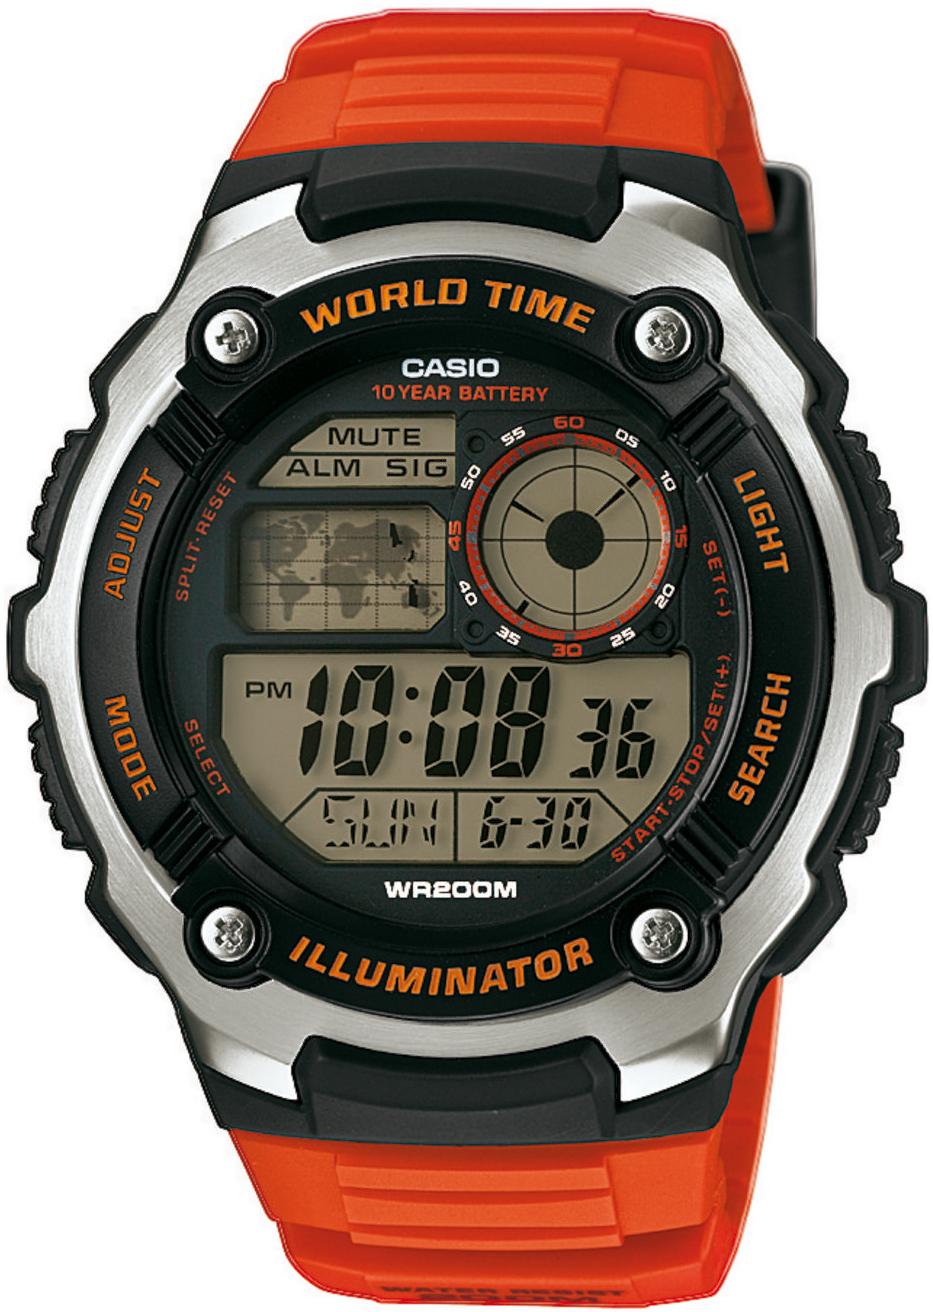 Zegarek męski Casio  AE-2100W-4AVEF - zdjęcie 1